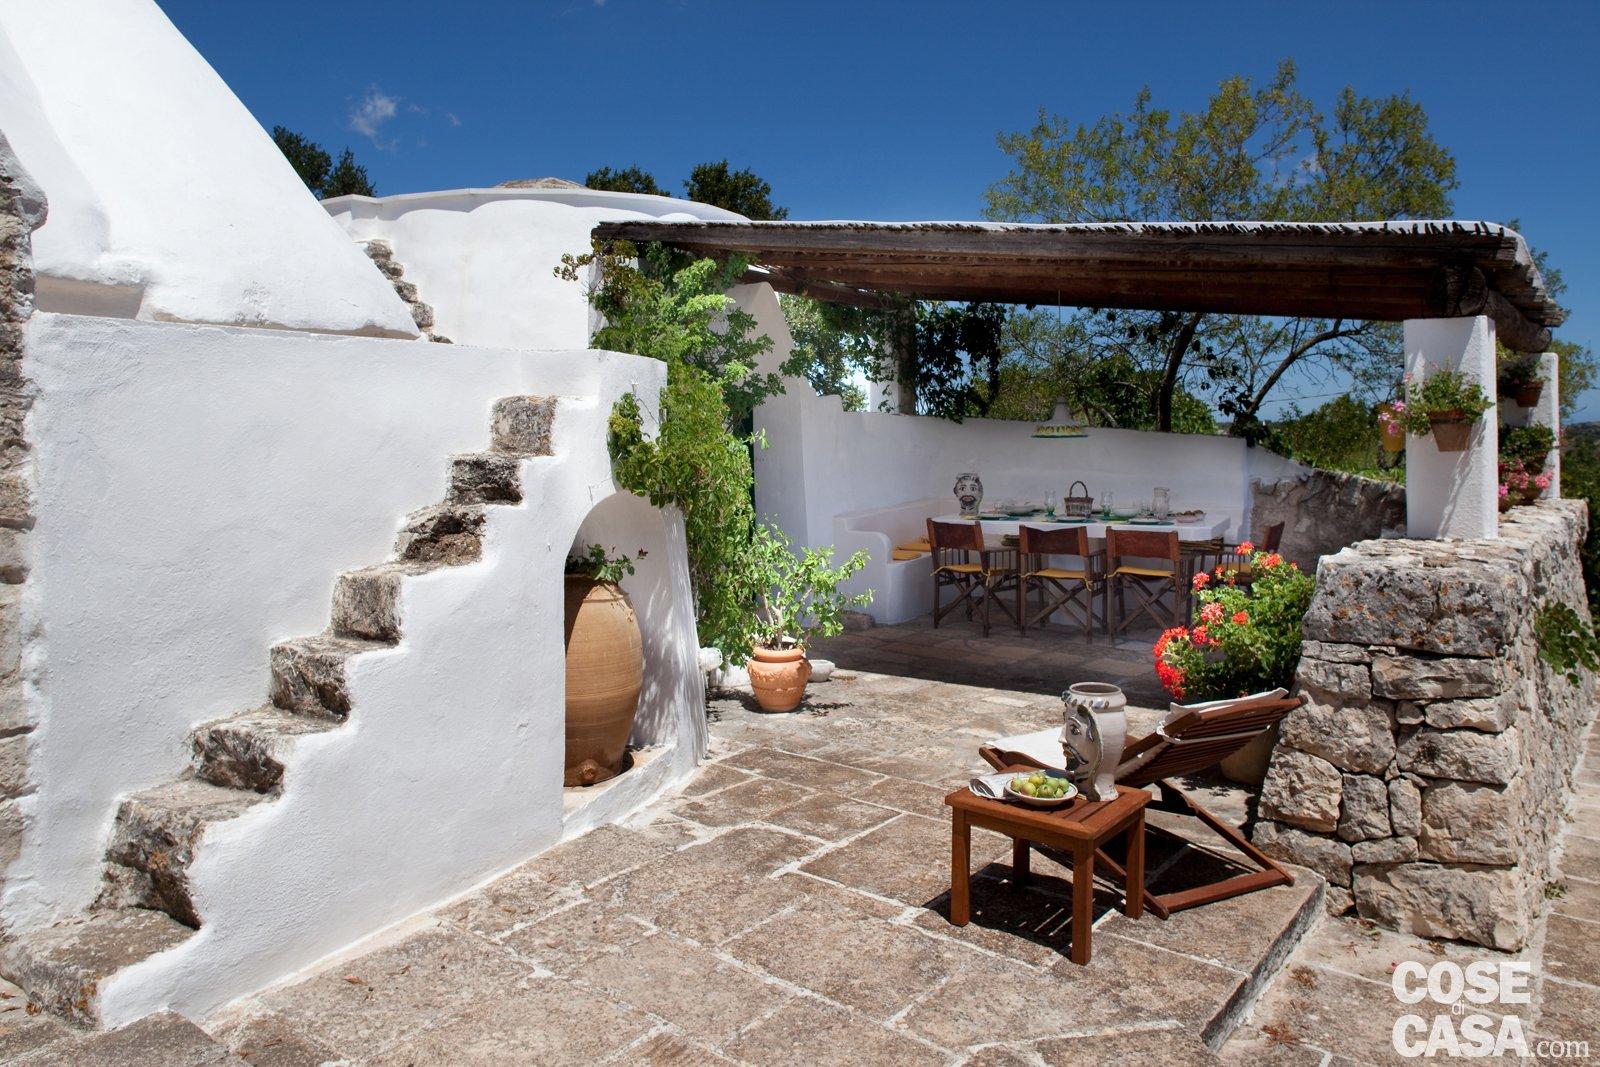 La Casa In Un Trullo Cose Di Casa #316095 1600 1067 Piastrelle Cucina Casa Al Mare